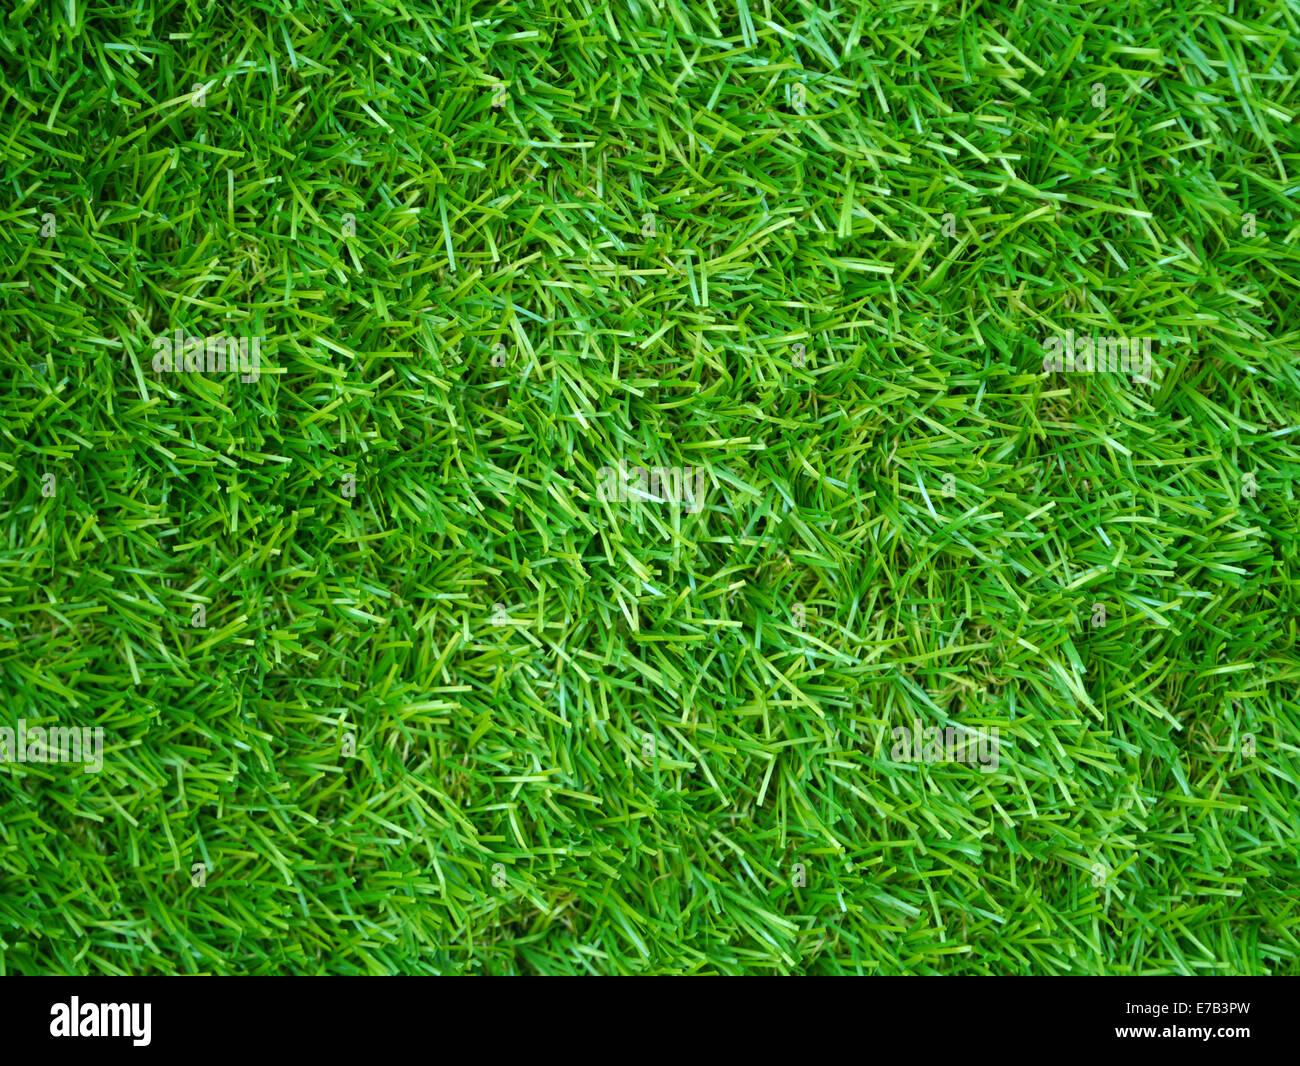 artificial grass texture. Artificial Grass Field Top View Texture I